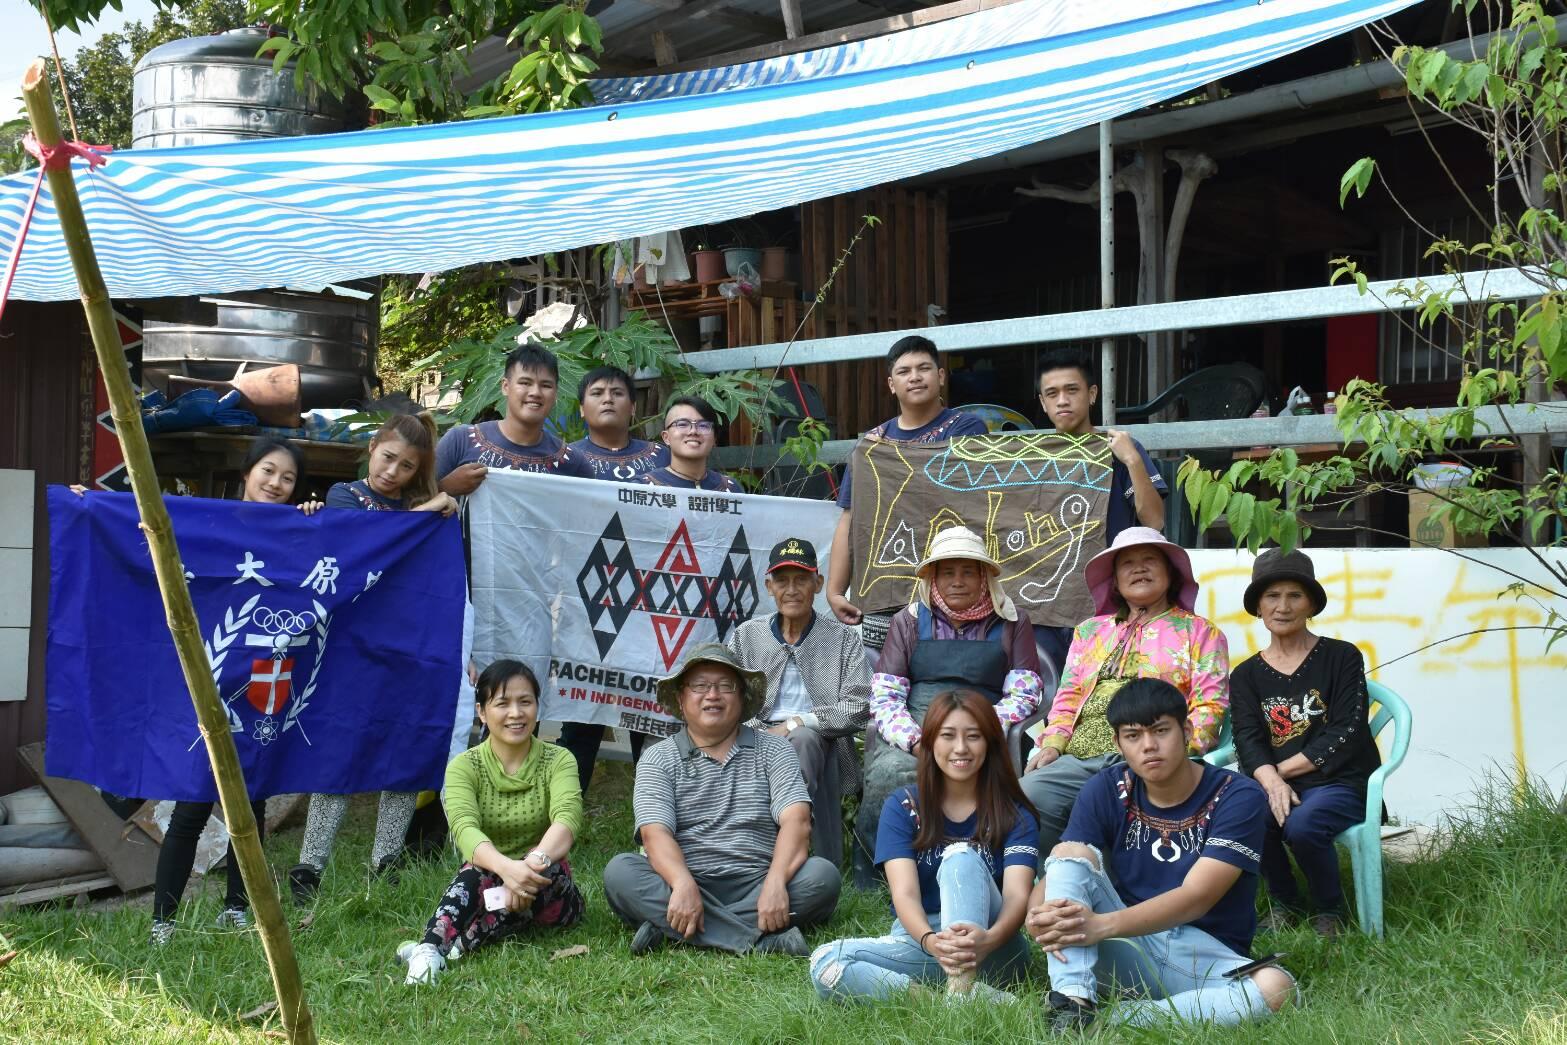 中原學生貢獻所學 彩繪外牆重建大溪撒烏瓦知部落文化風貌